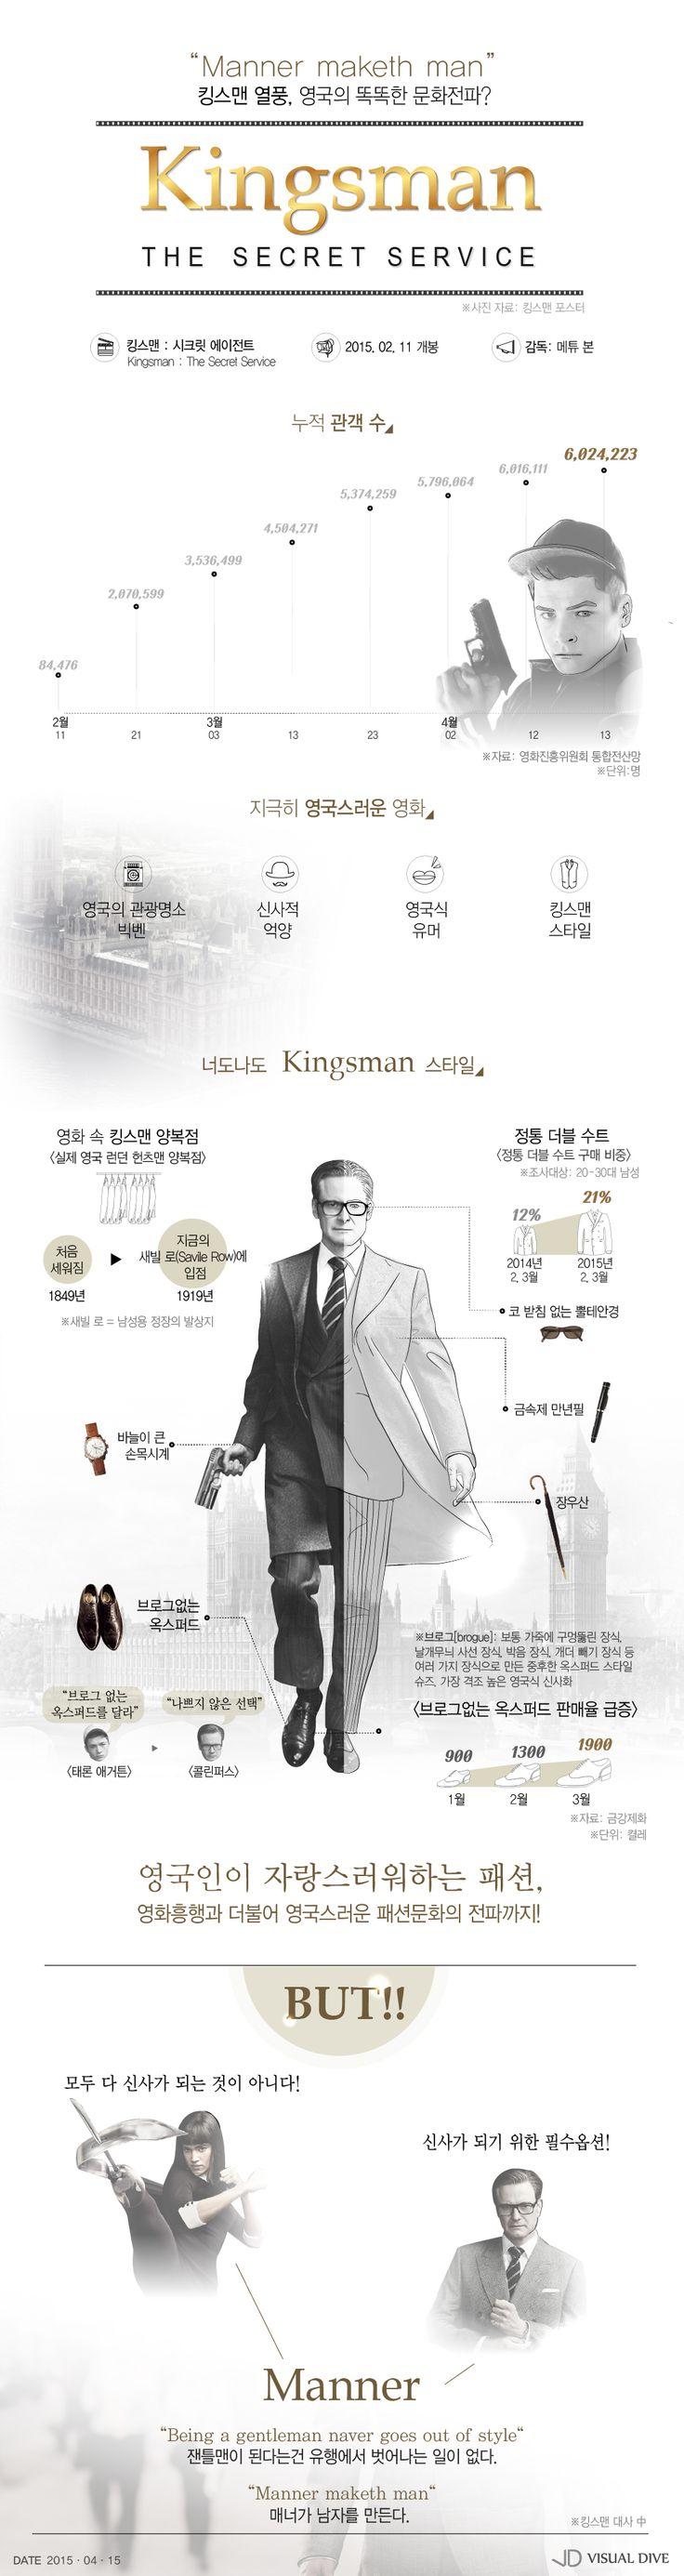 '킹스맨' 영국신사 스타일 열풍…男心도 사로잡았다! [인포그래픽] #Kingsman / #Infographic ⓒ 비주얼다이브 무단 복사·전재·재배포 금지